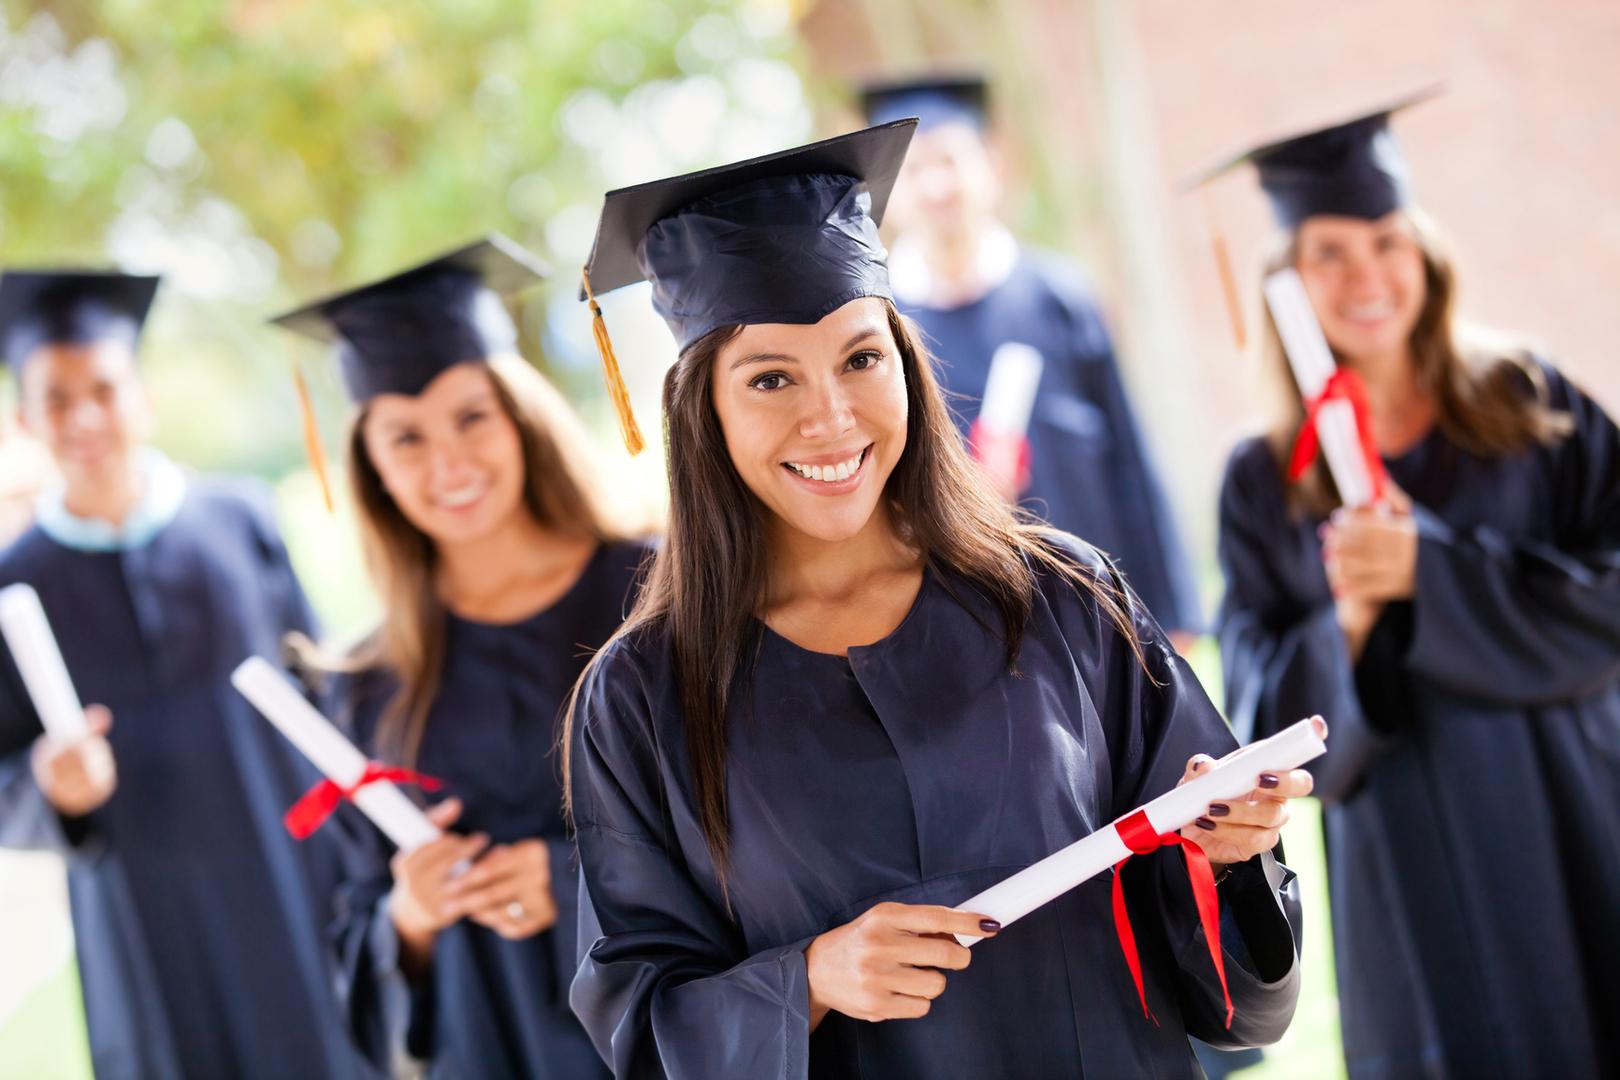 Магистратура 2020: сколько, как и зачем учиться?   nauchniepublicacii@gmail.com